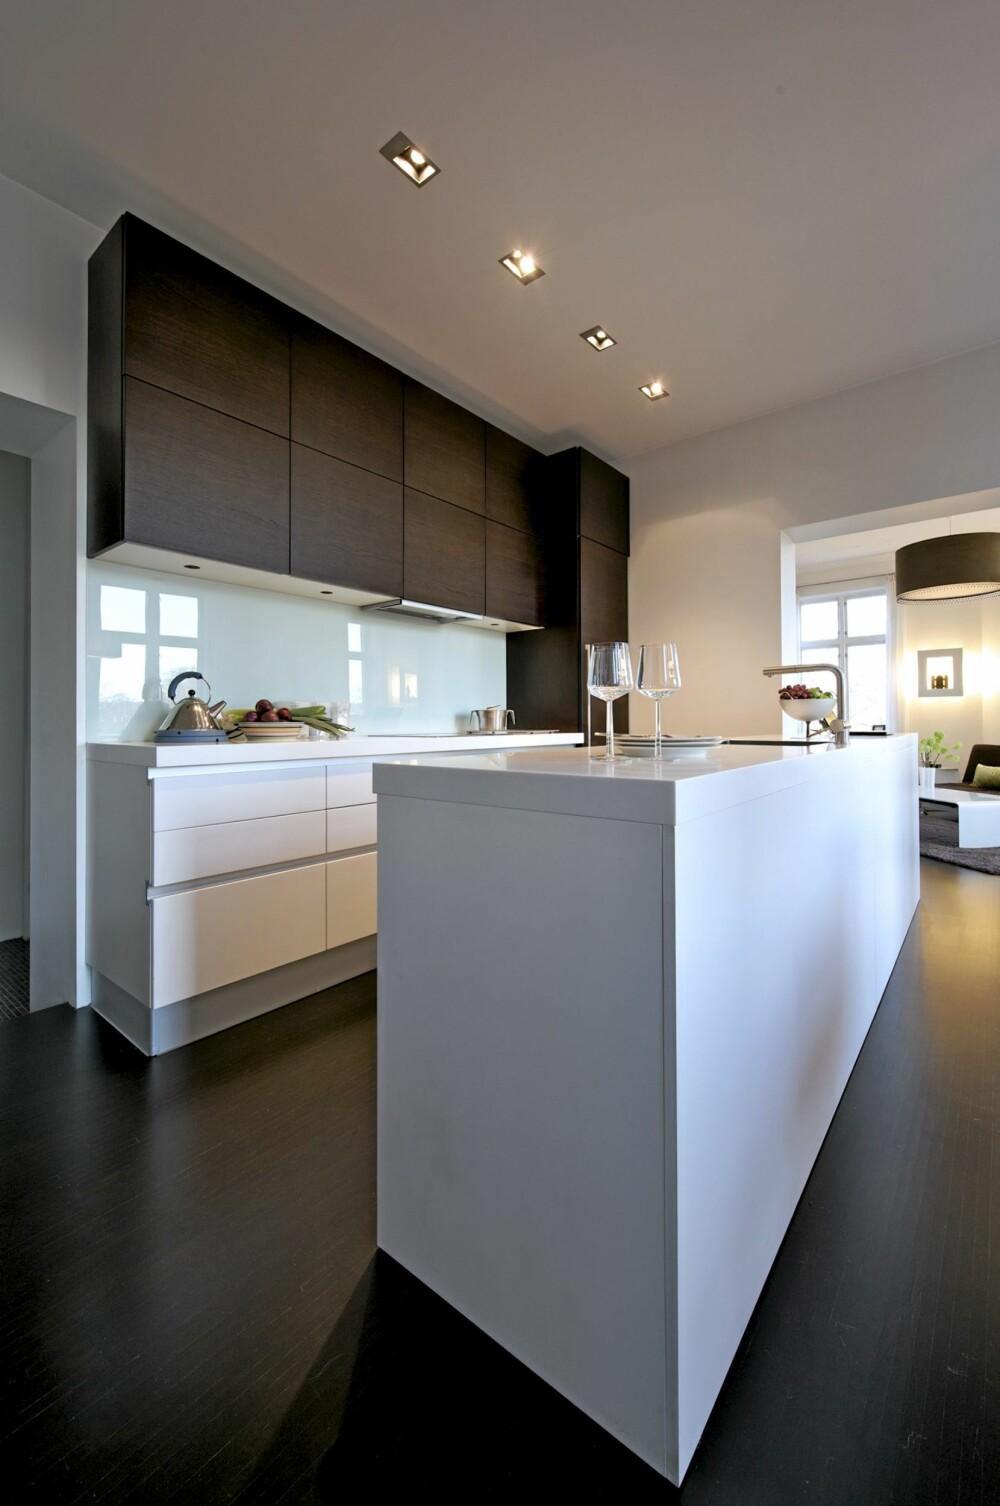 DE LANGE LINJER: Har du ryggen mot soverommet ser du forbi det skreddersydde Aster-kjøkkenet og videre til den store stuen på hjørnet og bygården. Det er nedlagt er betydelig arbeid i å få til den riktige flyt mellom disse rommene.